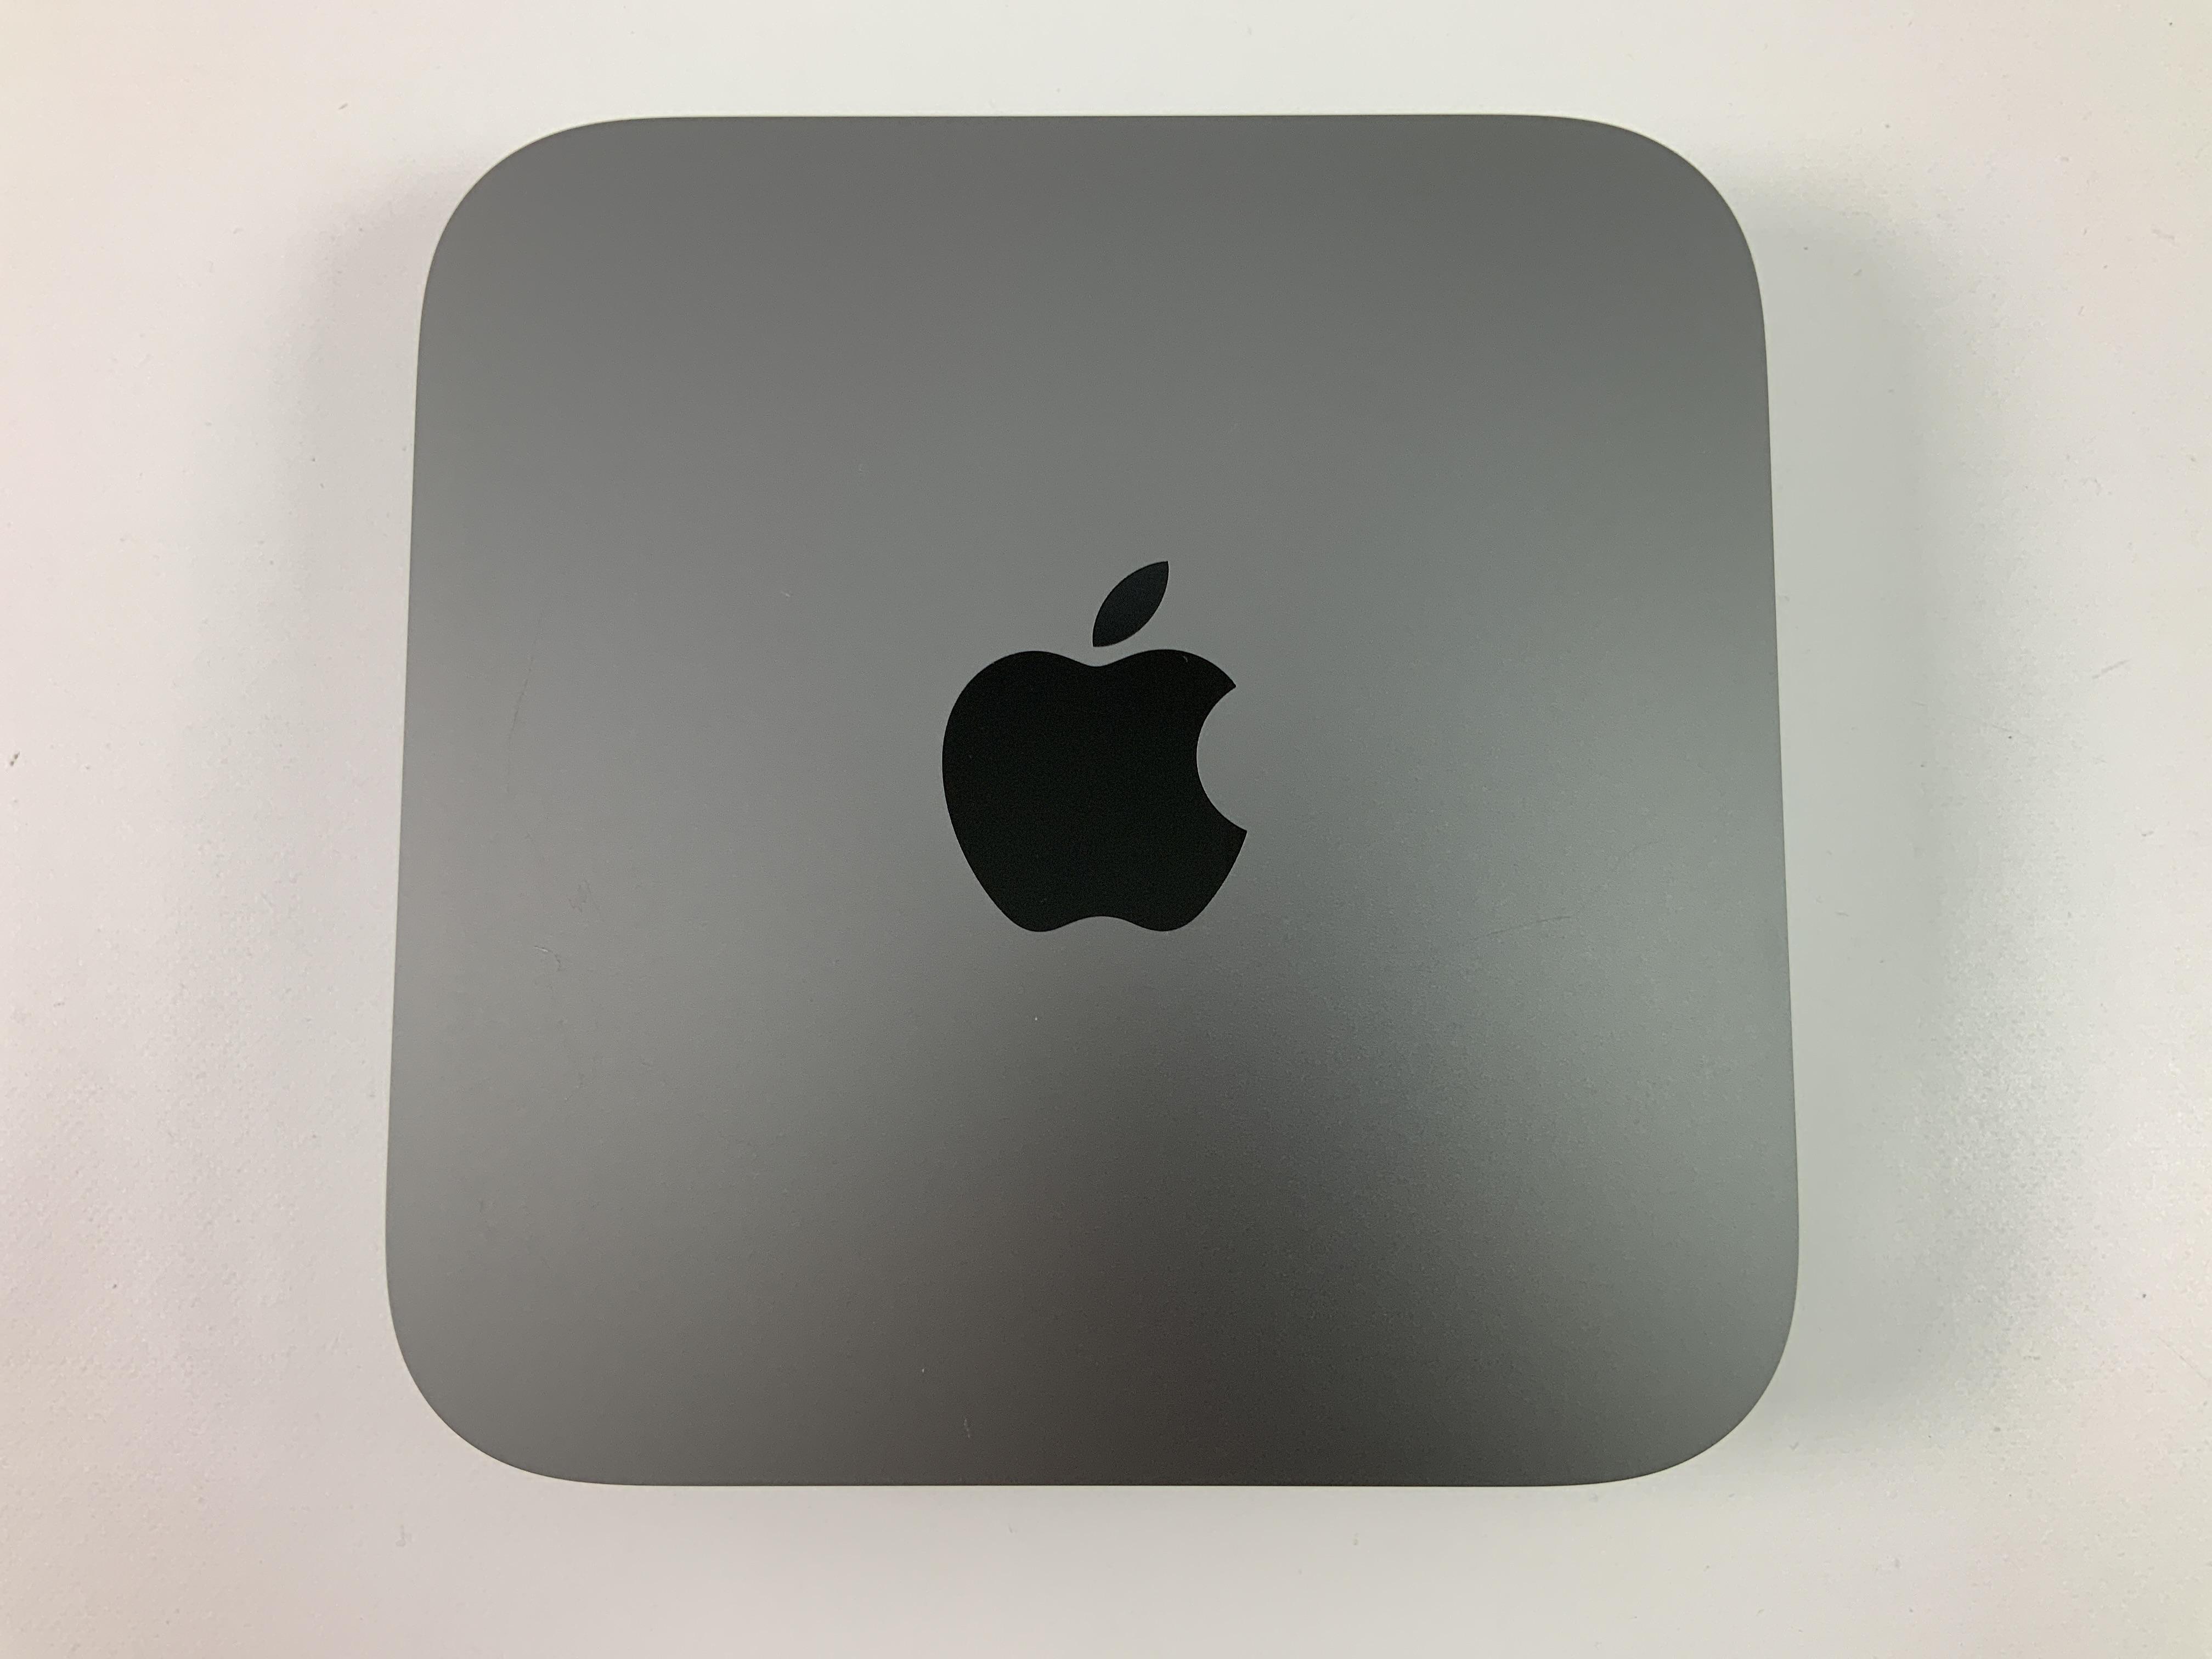 Mac Mini Early 2020 (Intel 6-Core i5 3.0 GHz 32 GB RAM 512 GB SSD), Intel 6-Core i5 3.0 GHz, 32 GB RAM, 512 GB SSD, Bild 1